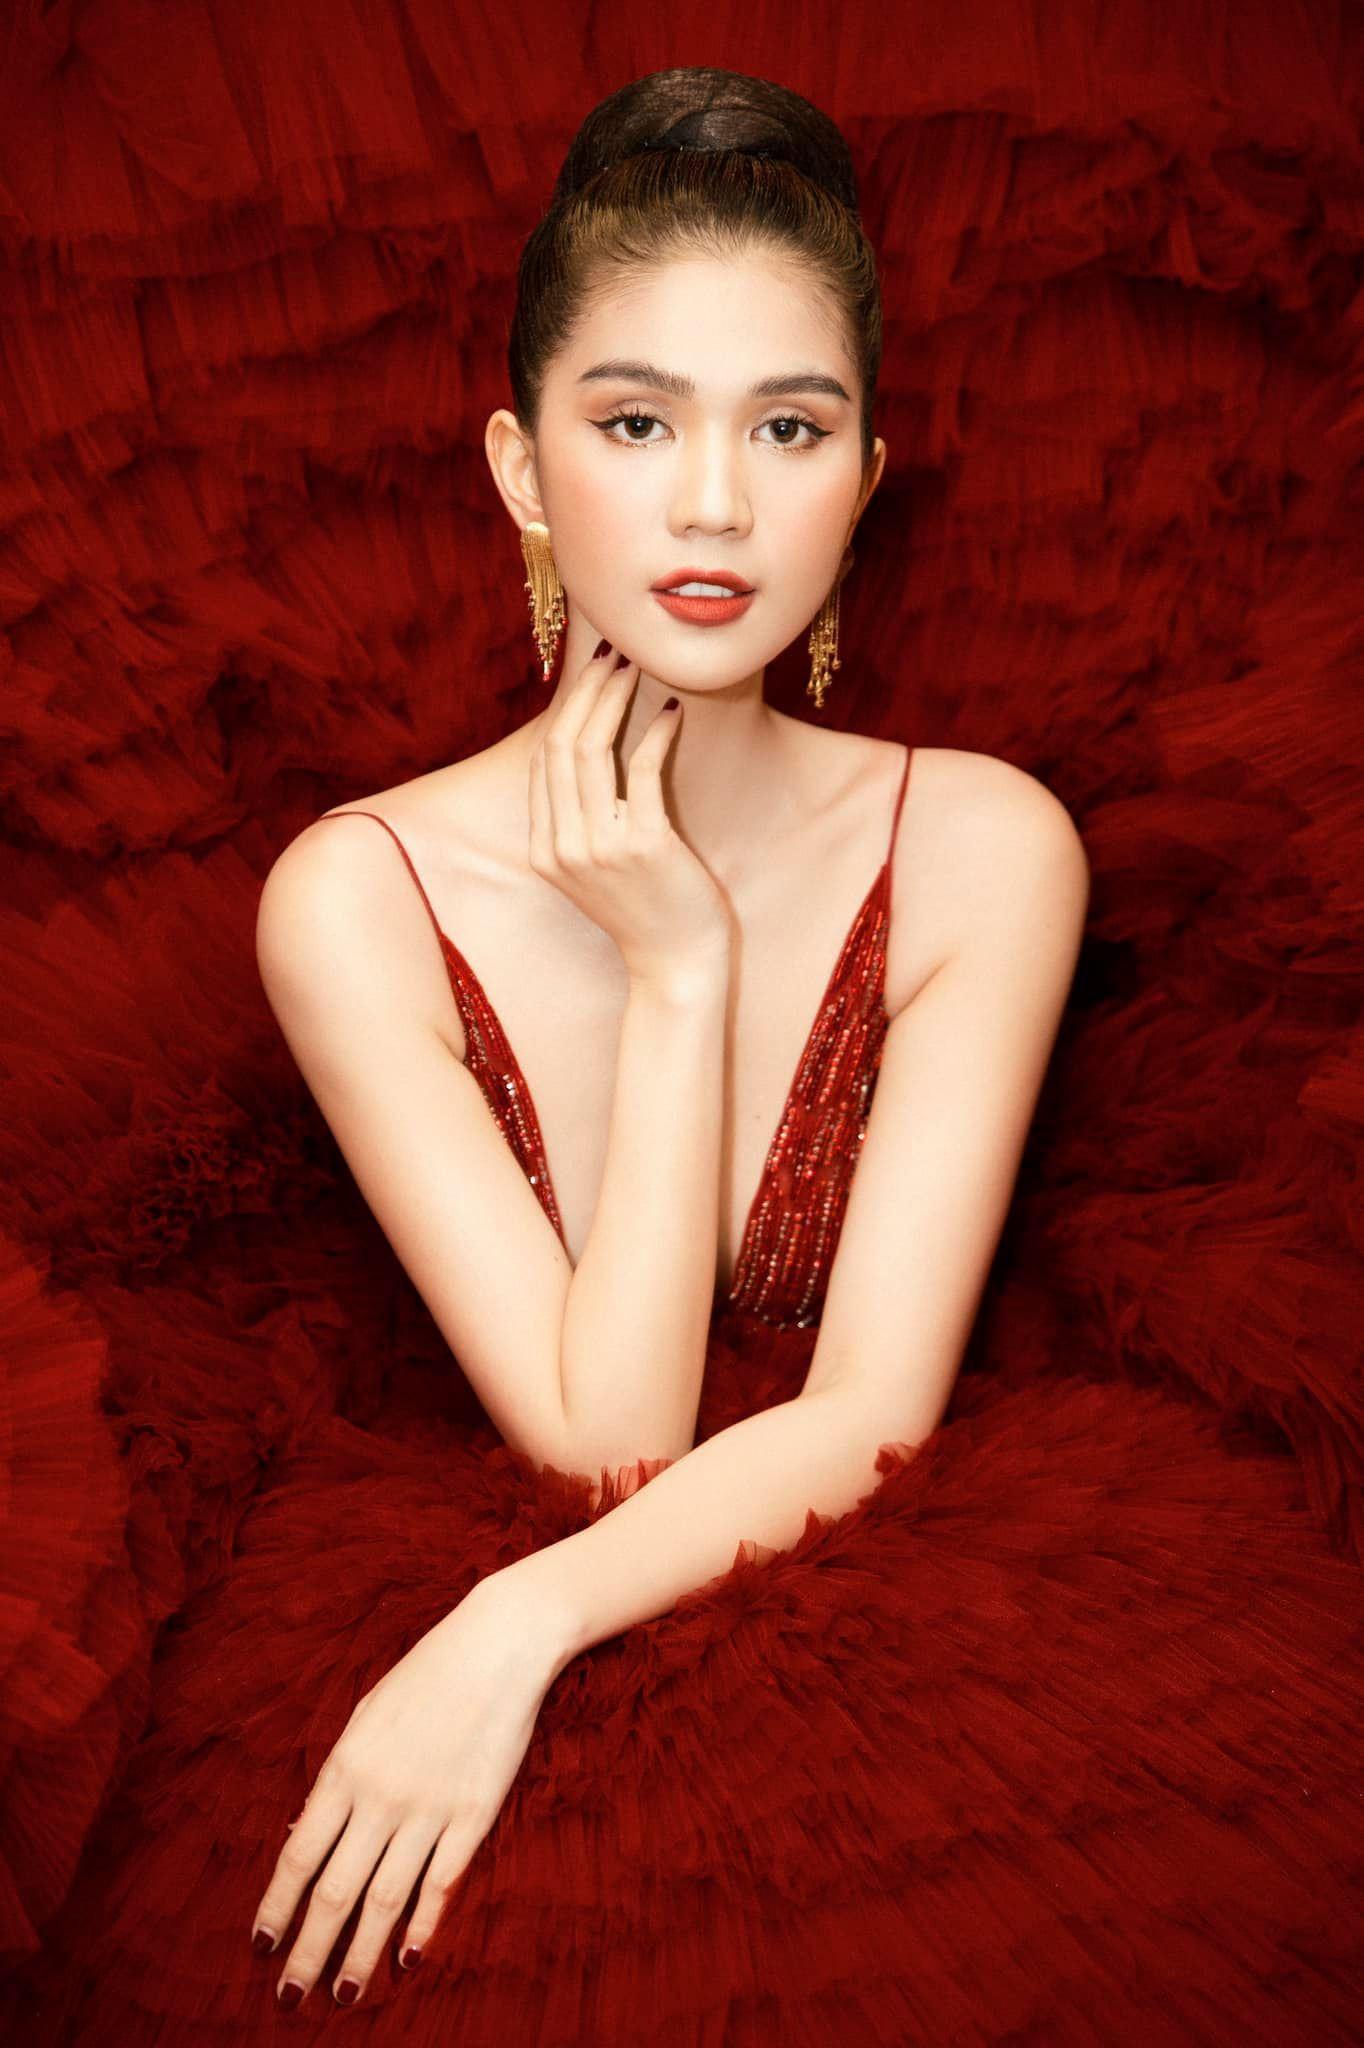 Chán hở bạo, Ngọc Trinh diện váy đỏ hóa thành công chúa lộng lẫy Ảnh 4